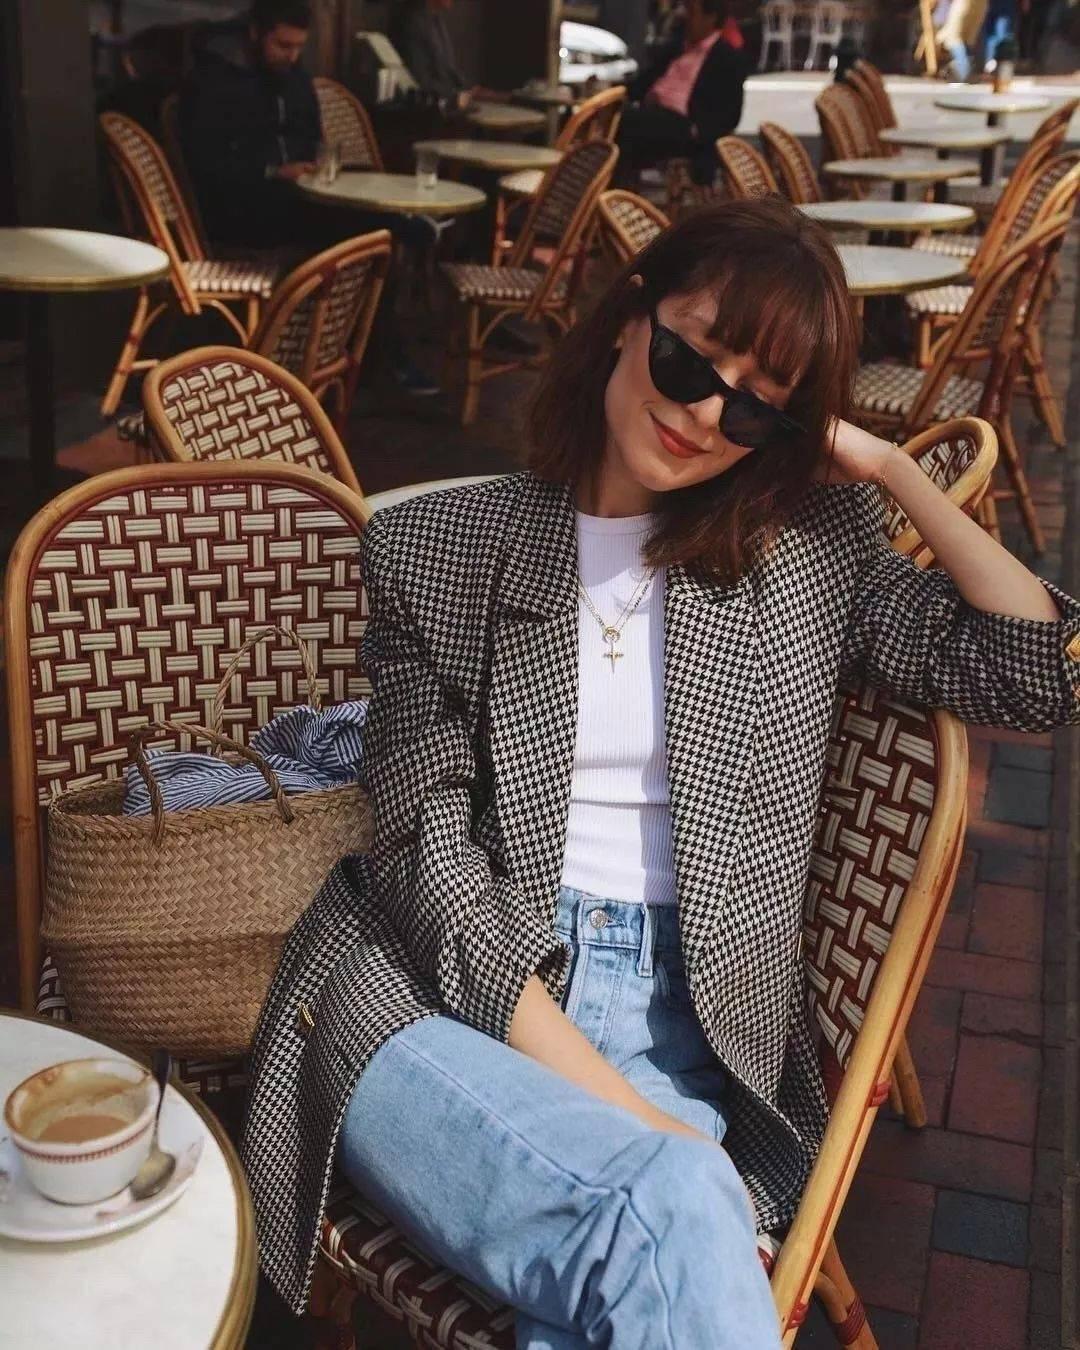 时髦精首选的搭配:西装+牛仔裤!